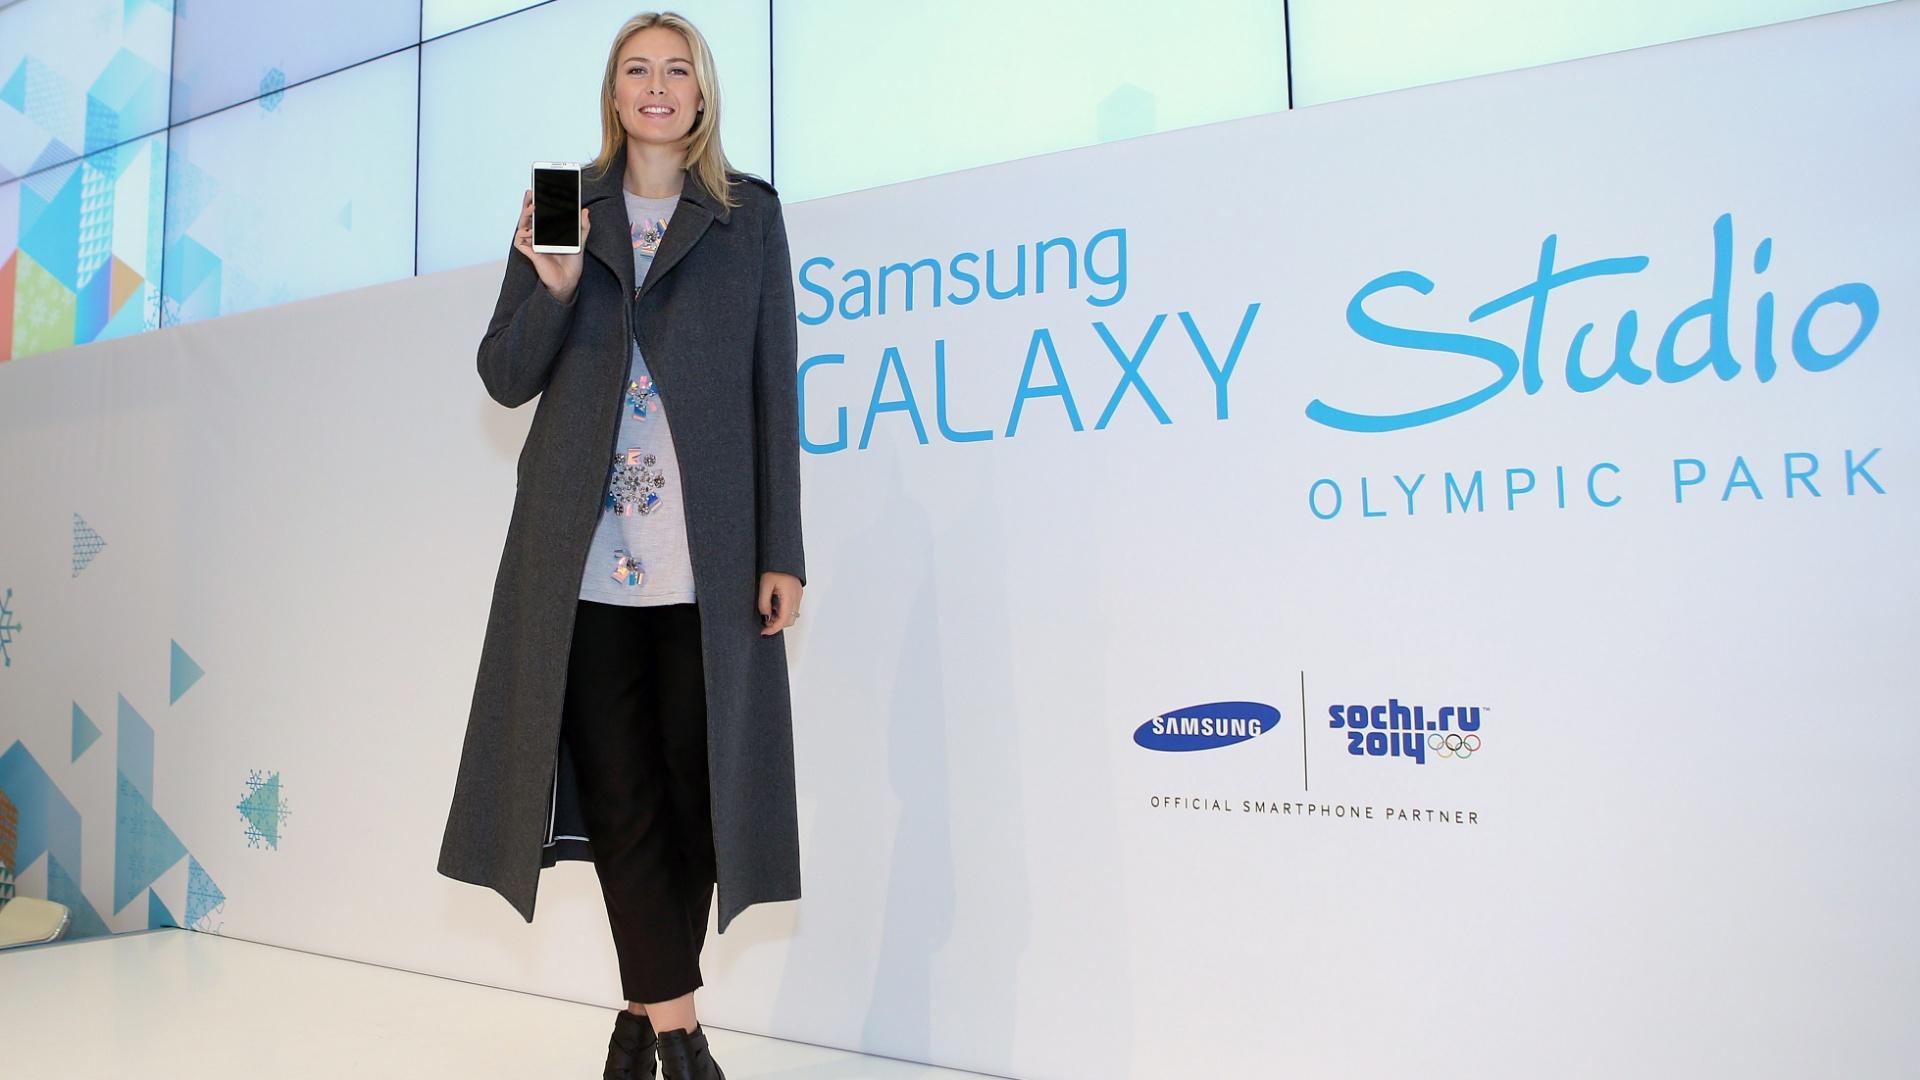 O outro evento da semana (aproveitando os Jogos de Inverno na Rússia) foi o lançamento de um novo modelo de celular da Samsung em Sochi. Ela é embaixadora da marca coreana...